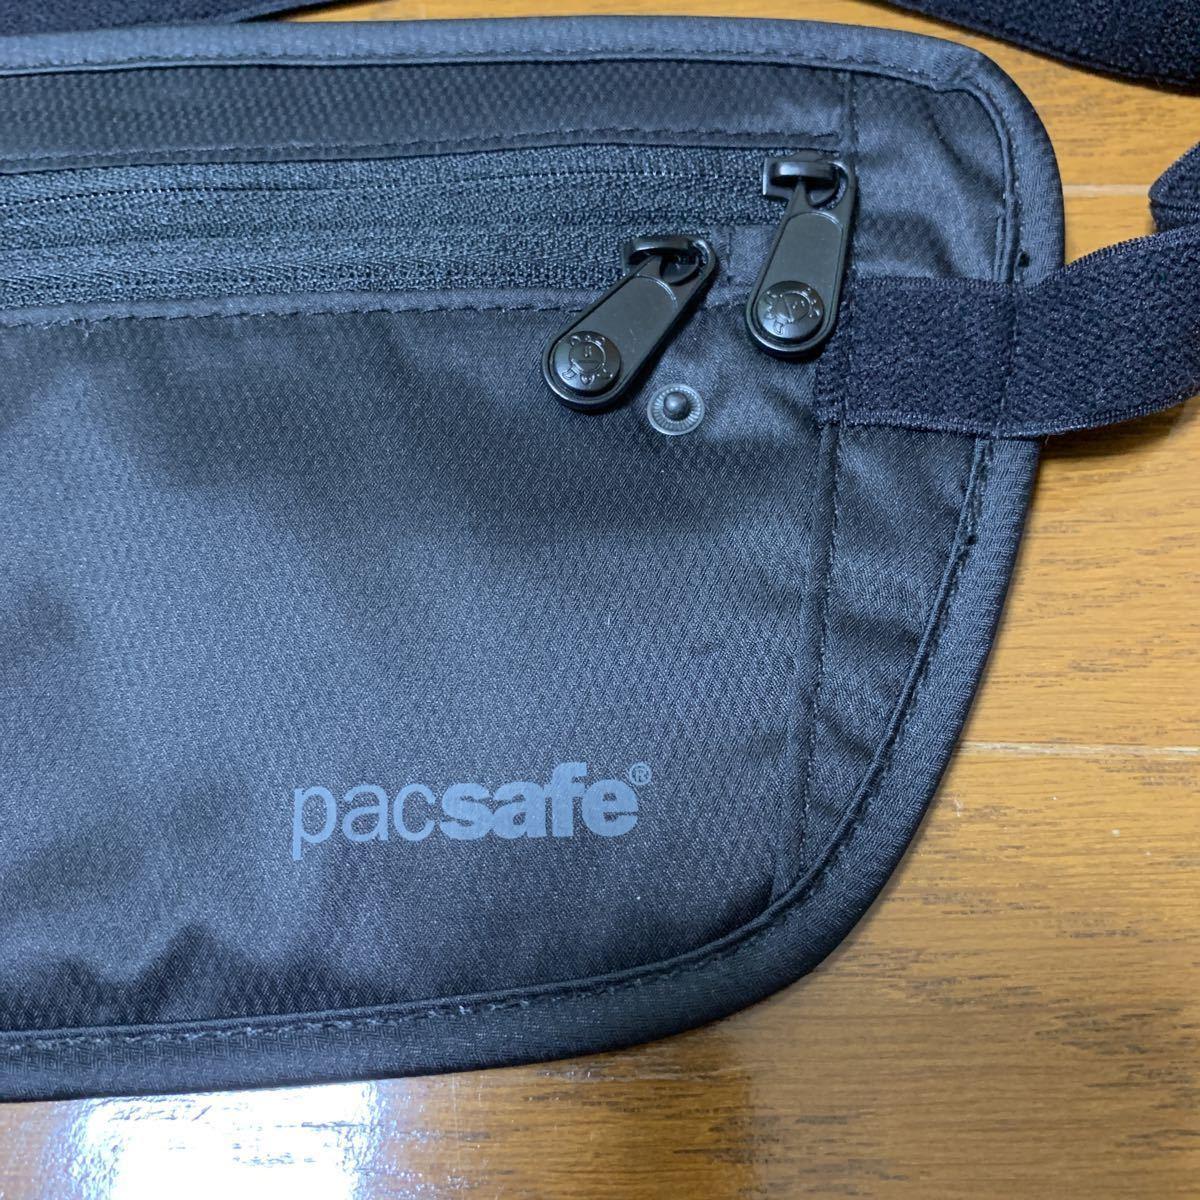 パックセーフ セキュリティポーチ シークレットベルト 旅行用品 防犯用品_画像2